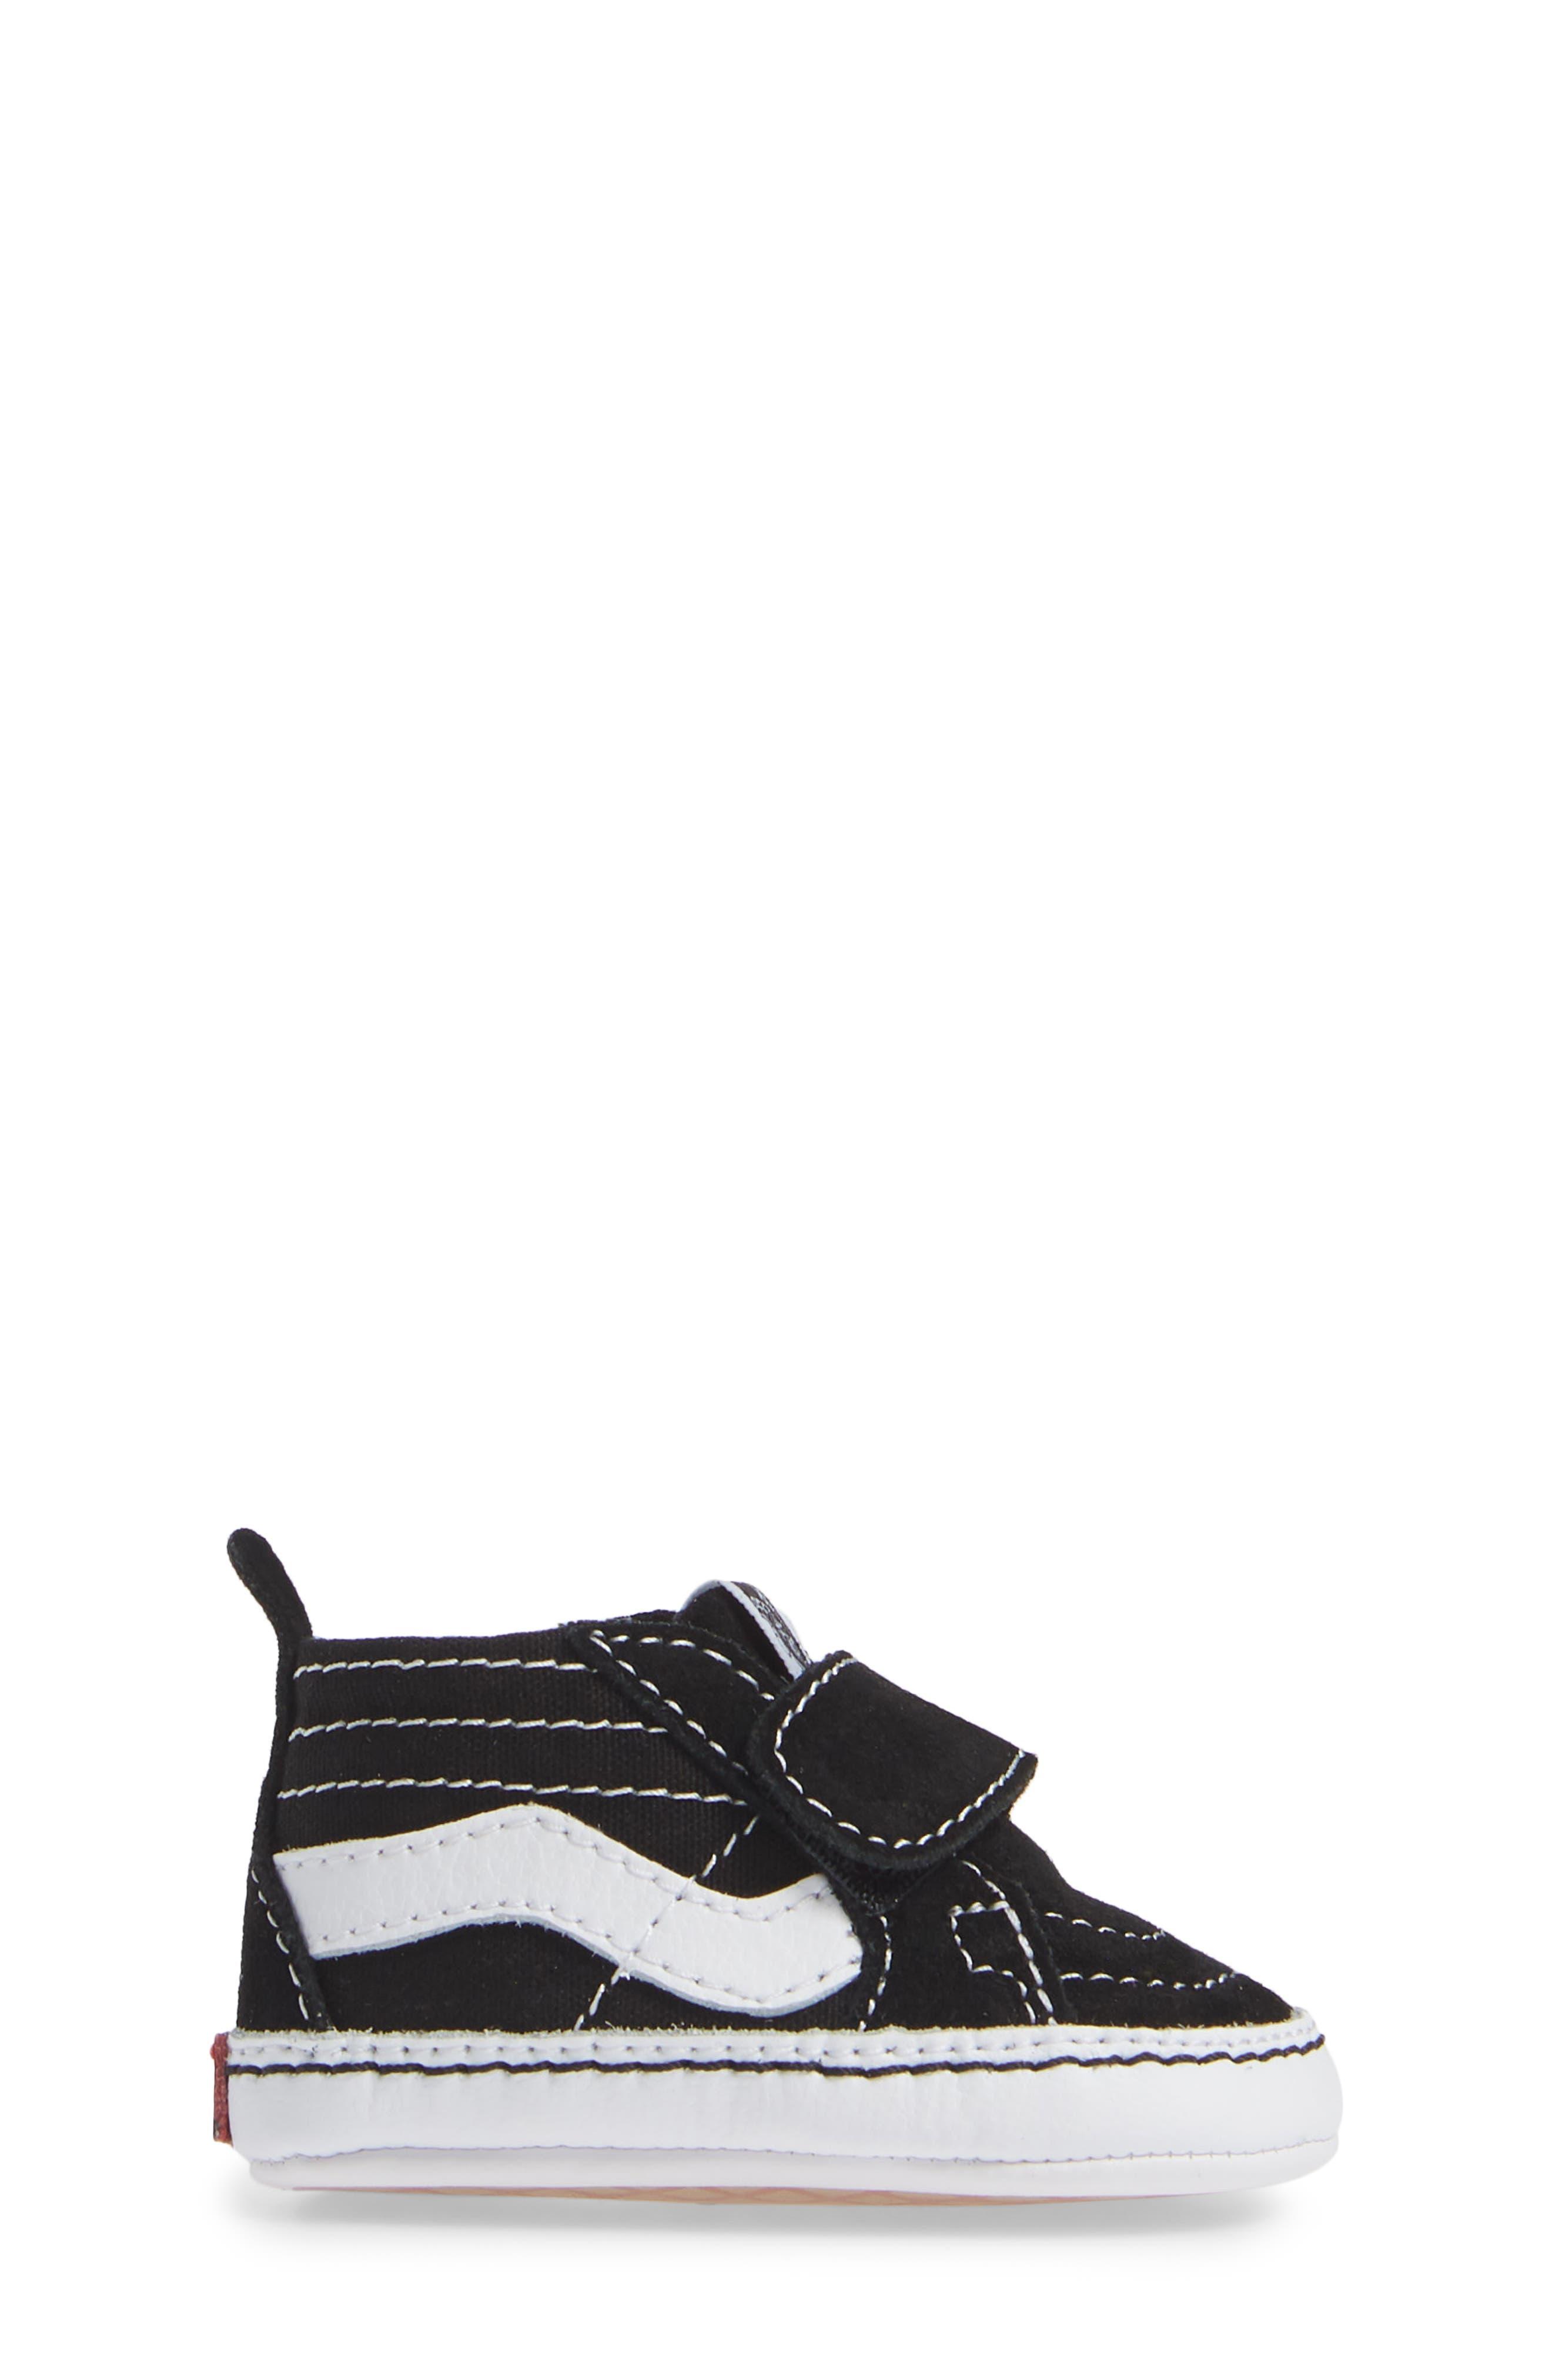 VANS, 'SK8-Hi' Crib Sneaker, Alternate thumbnail 3, color, BLACK/TRUE WHITE